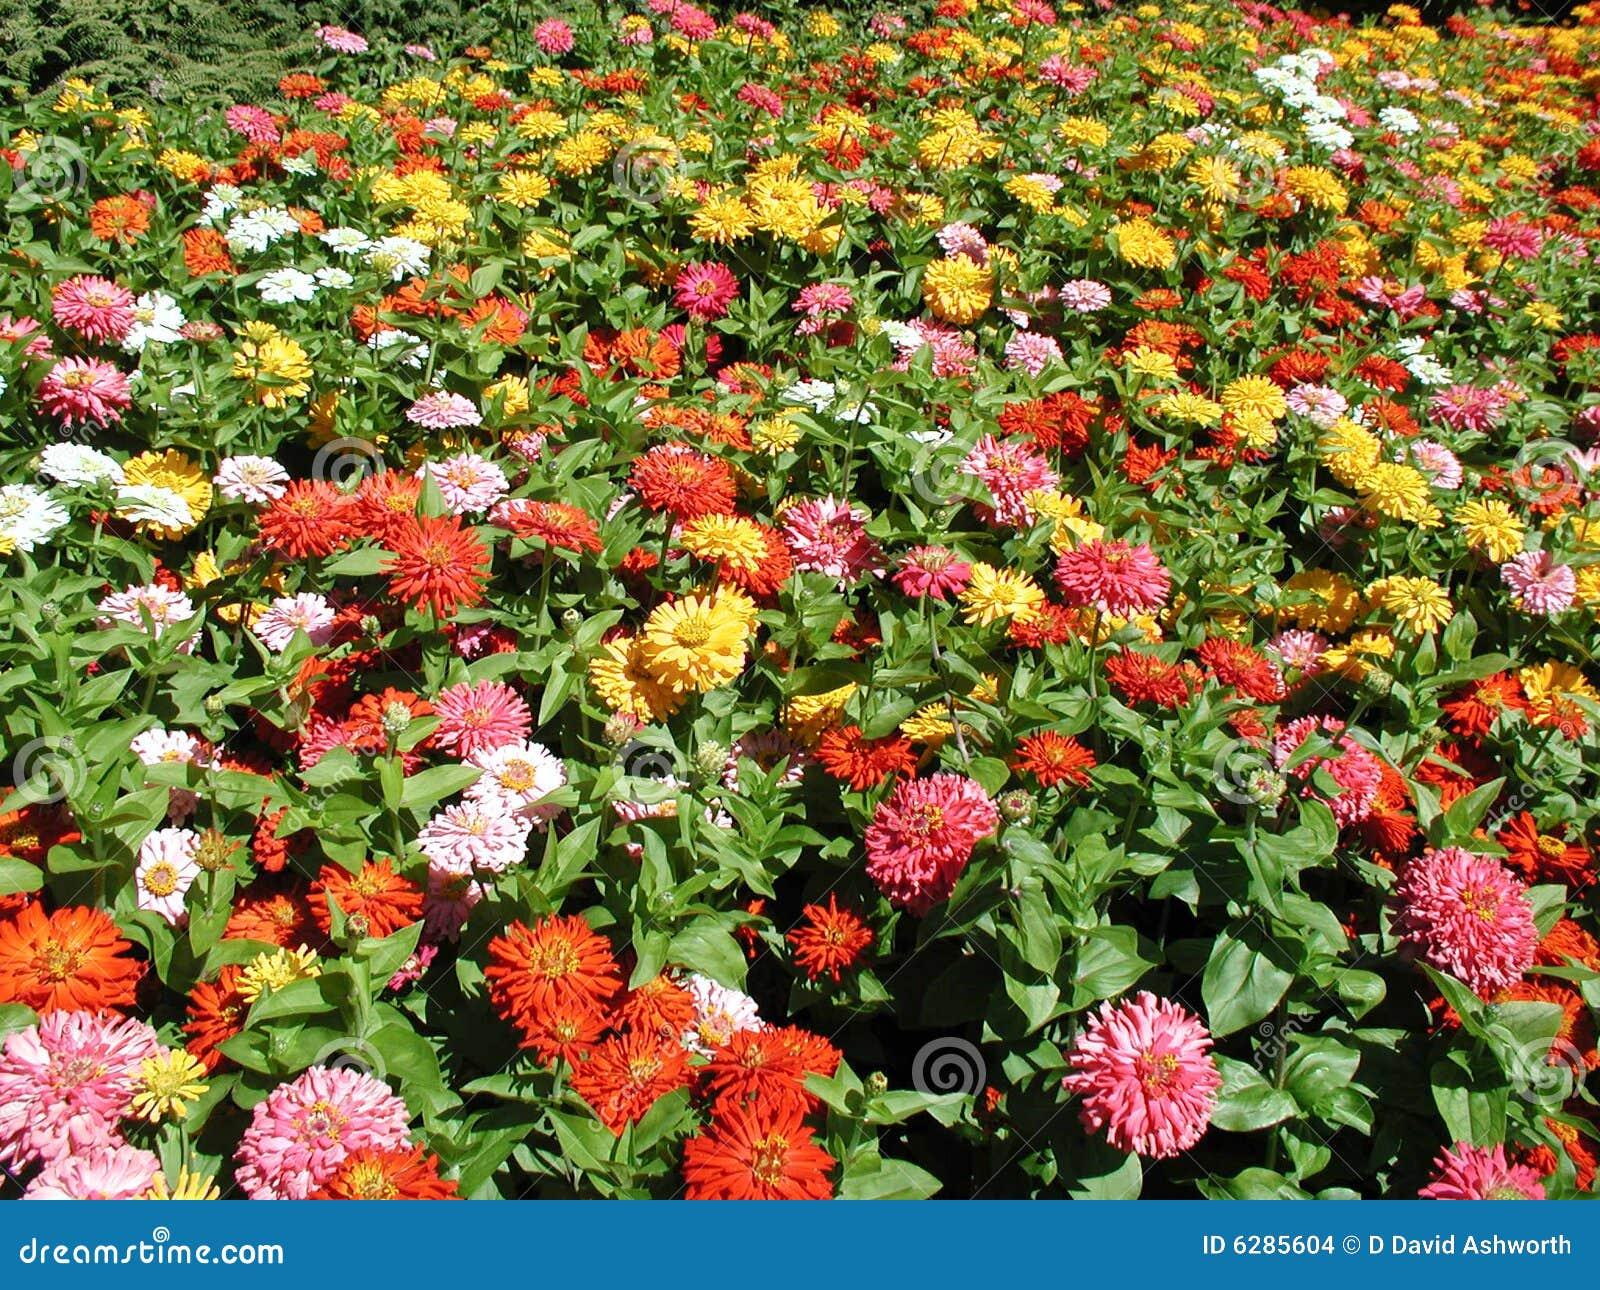 imagens jardim de rosas:Massa das flores coloridas que florescem no jardim.